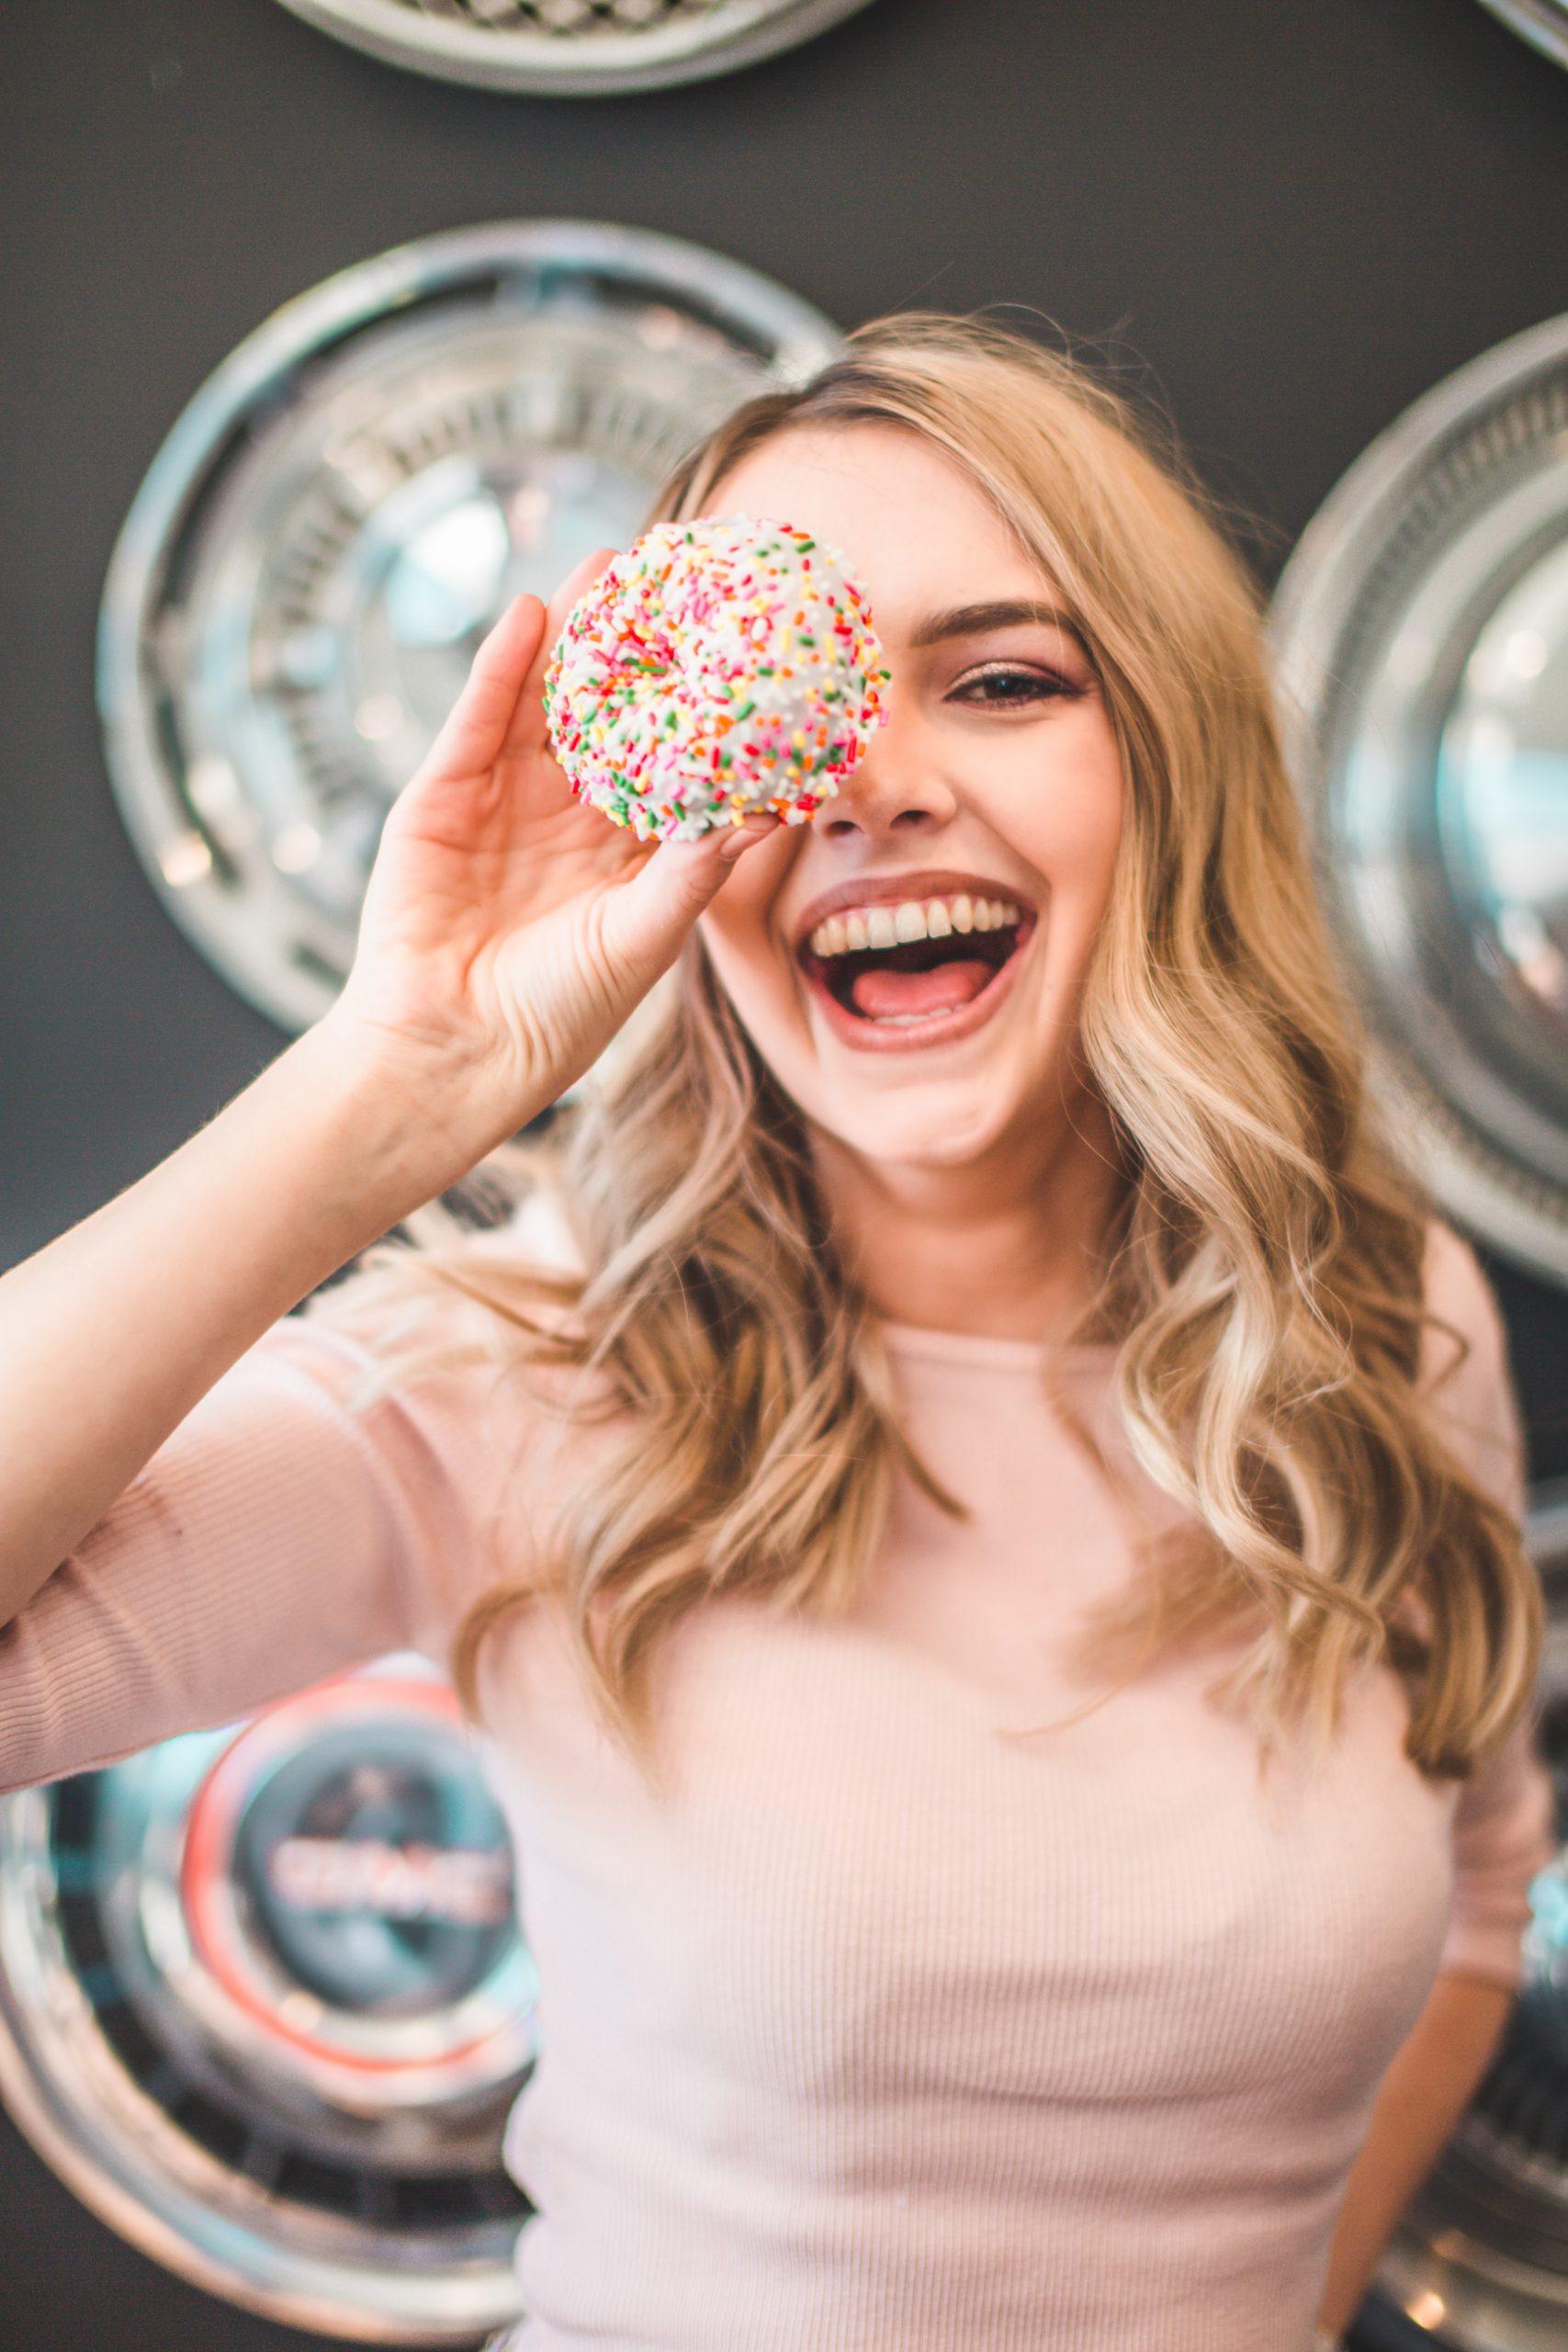 6 διατροφικές συνήθειες που αποδυναμώνουν το ανοσοποιητικό σου